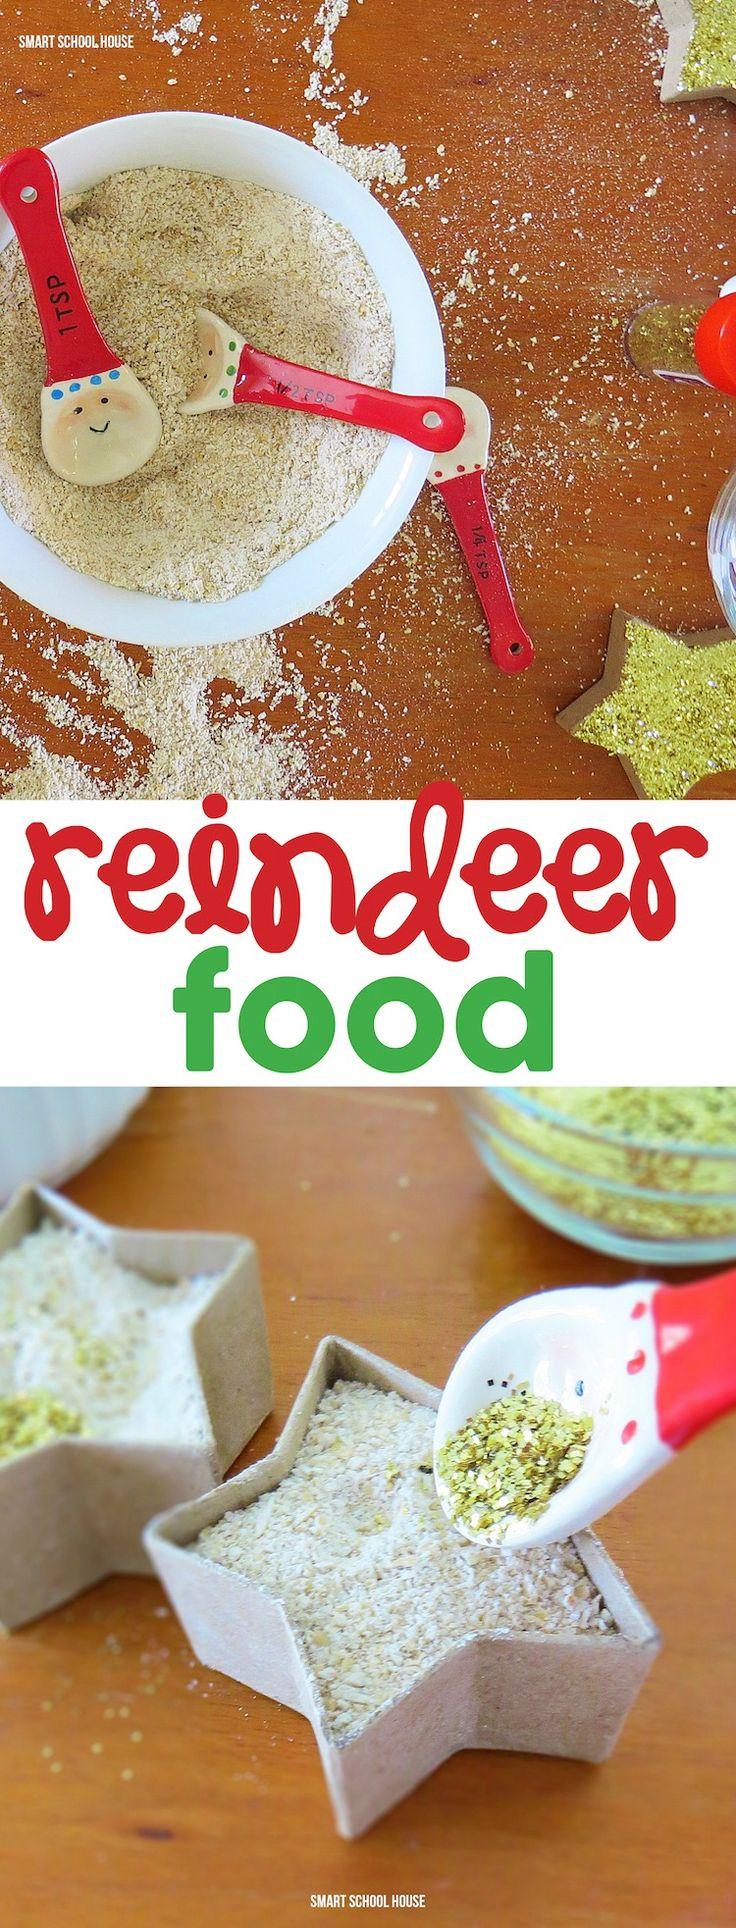 Reindeer Food recipe for kids